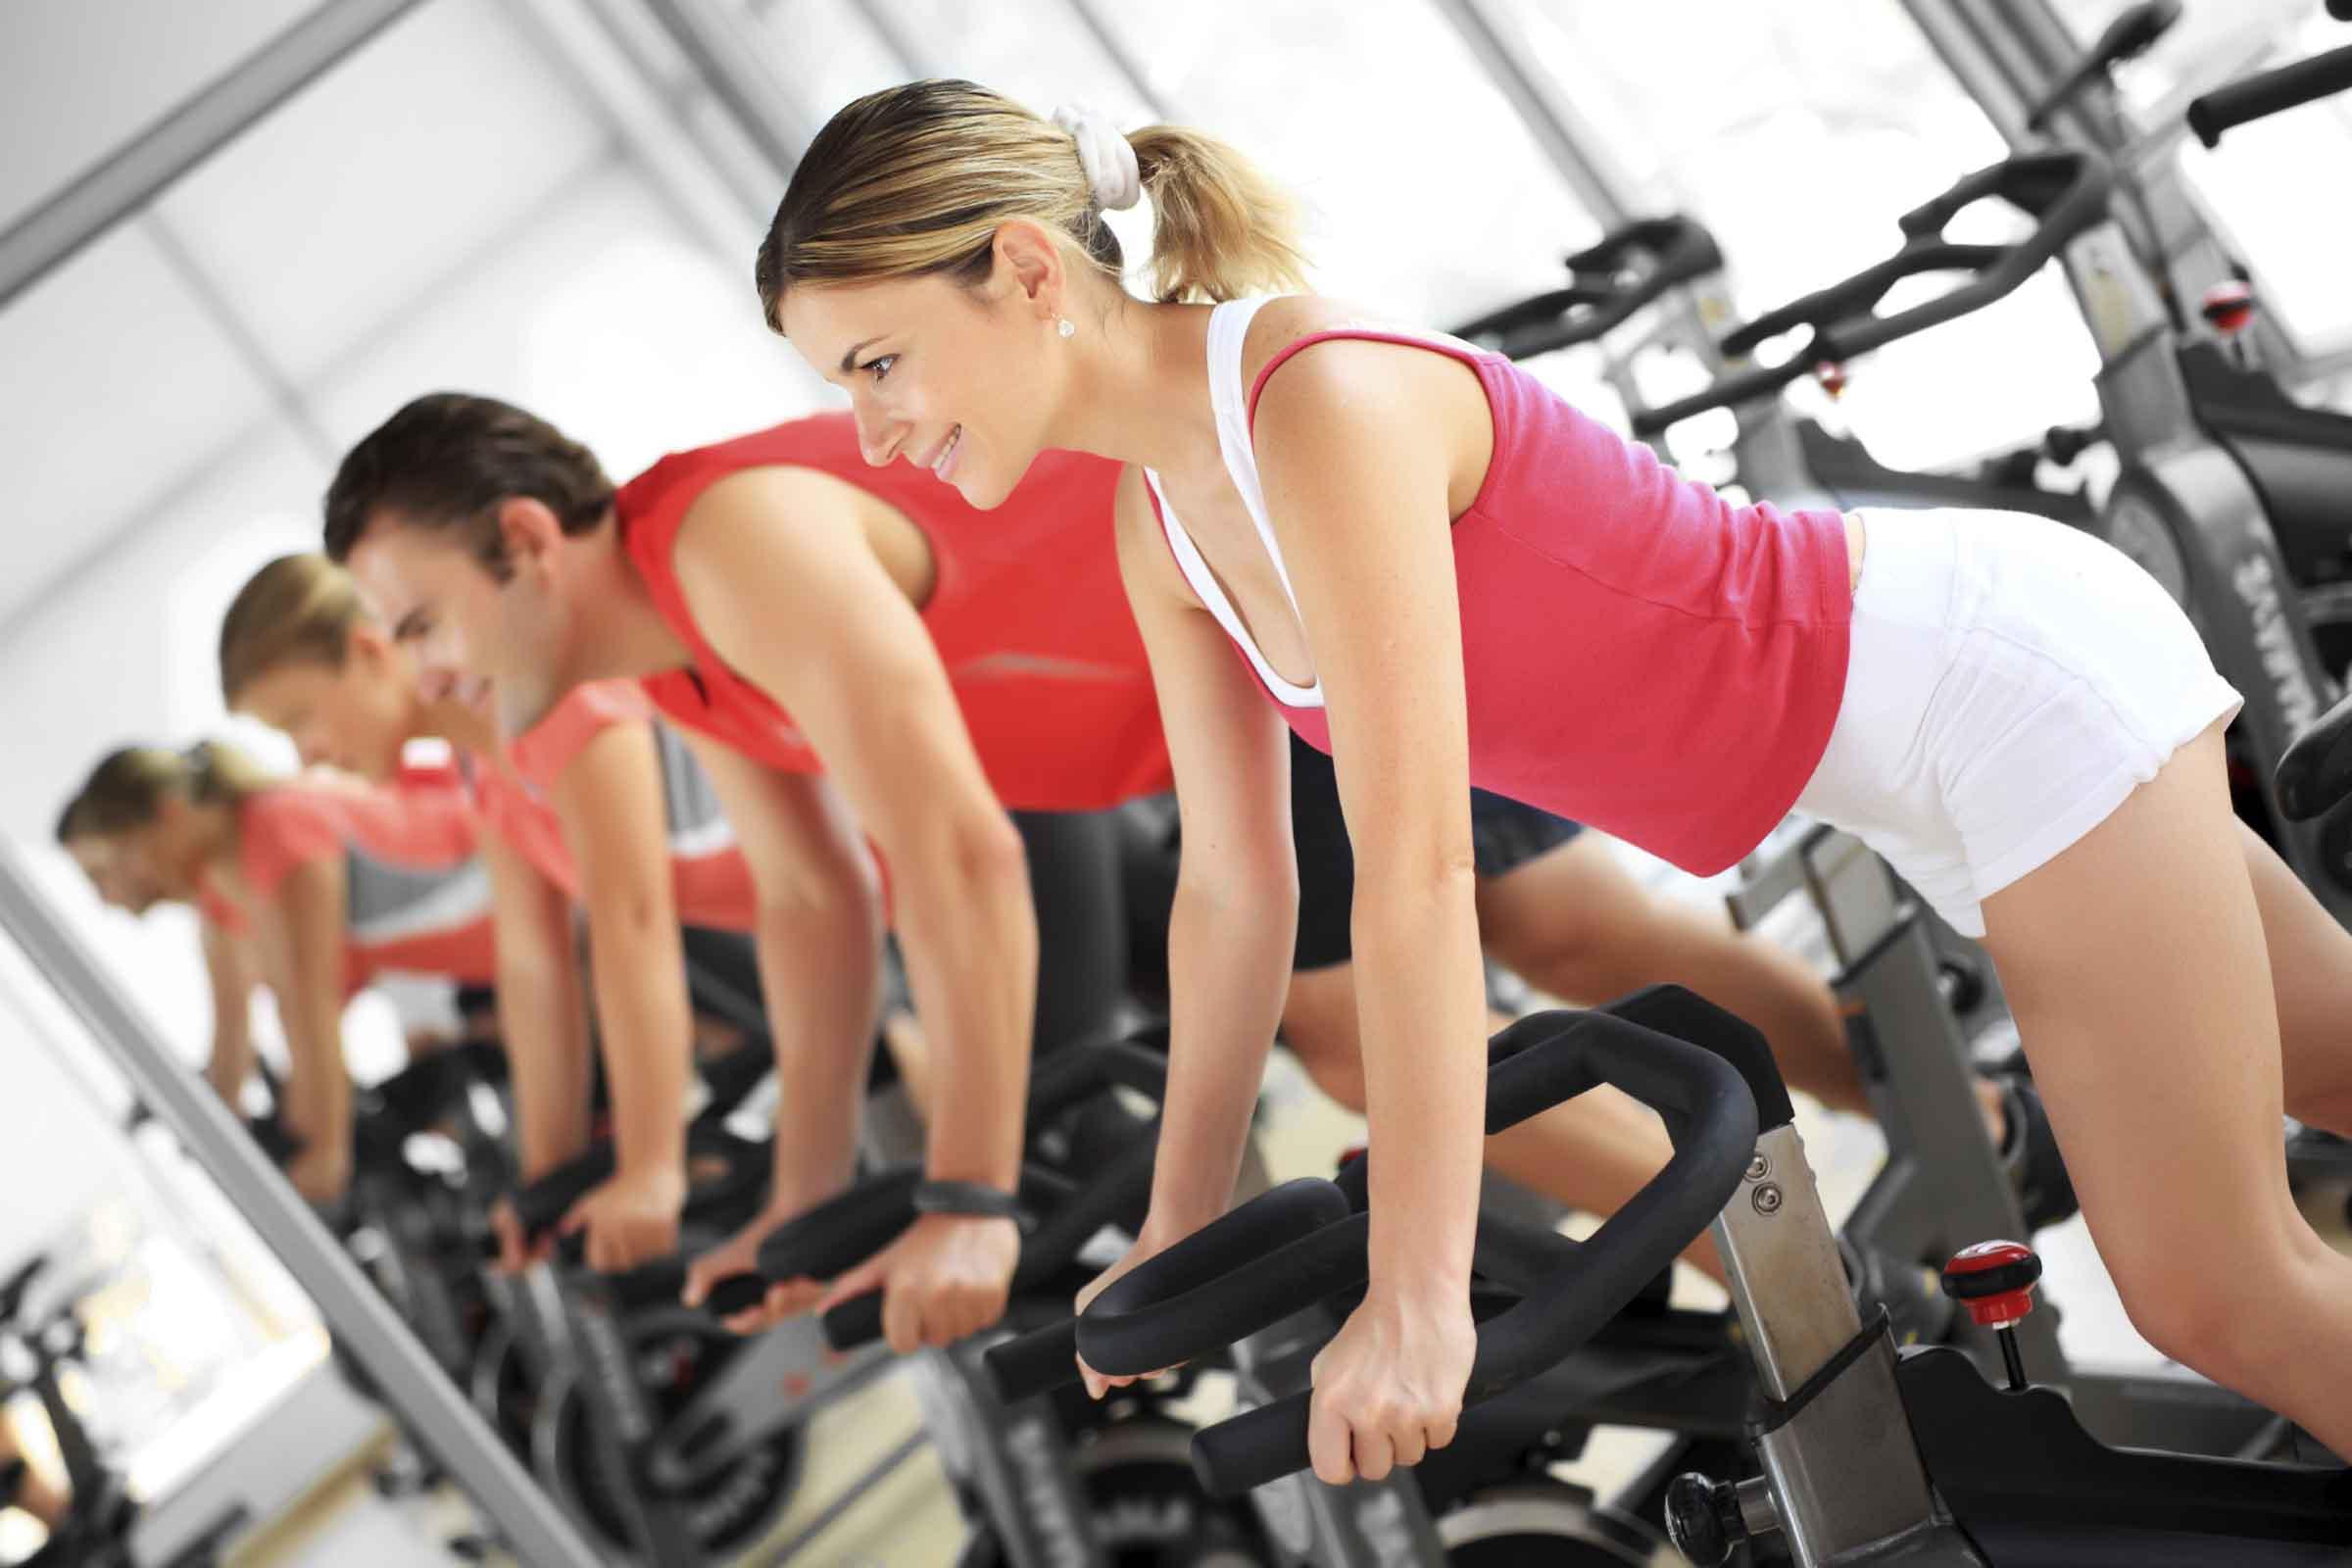 जिम भी उतना ही महत्वपूर्ण है जितना संतुलित आहार  ( Gym is equally important to increase beauty, to improve health as the balanced diet ) in hindi